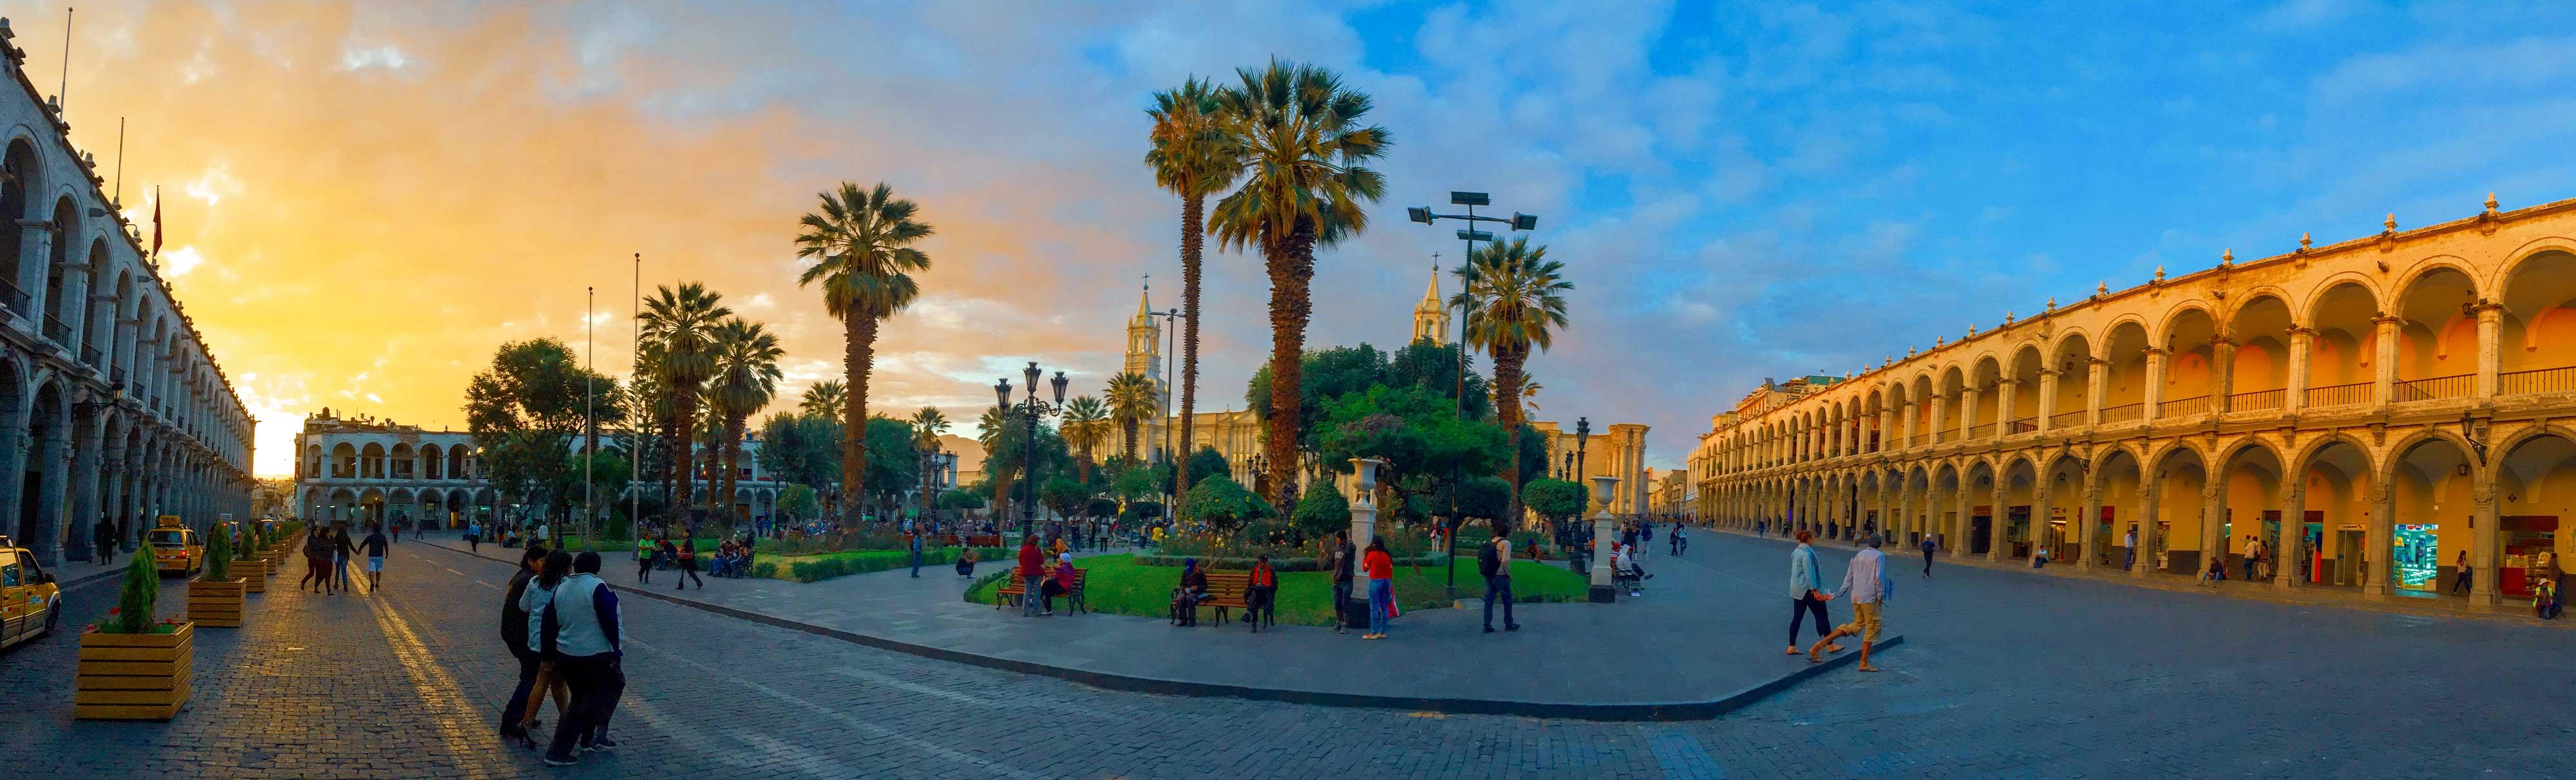 La Plaza de Armas illuminée par le coucher de soleil